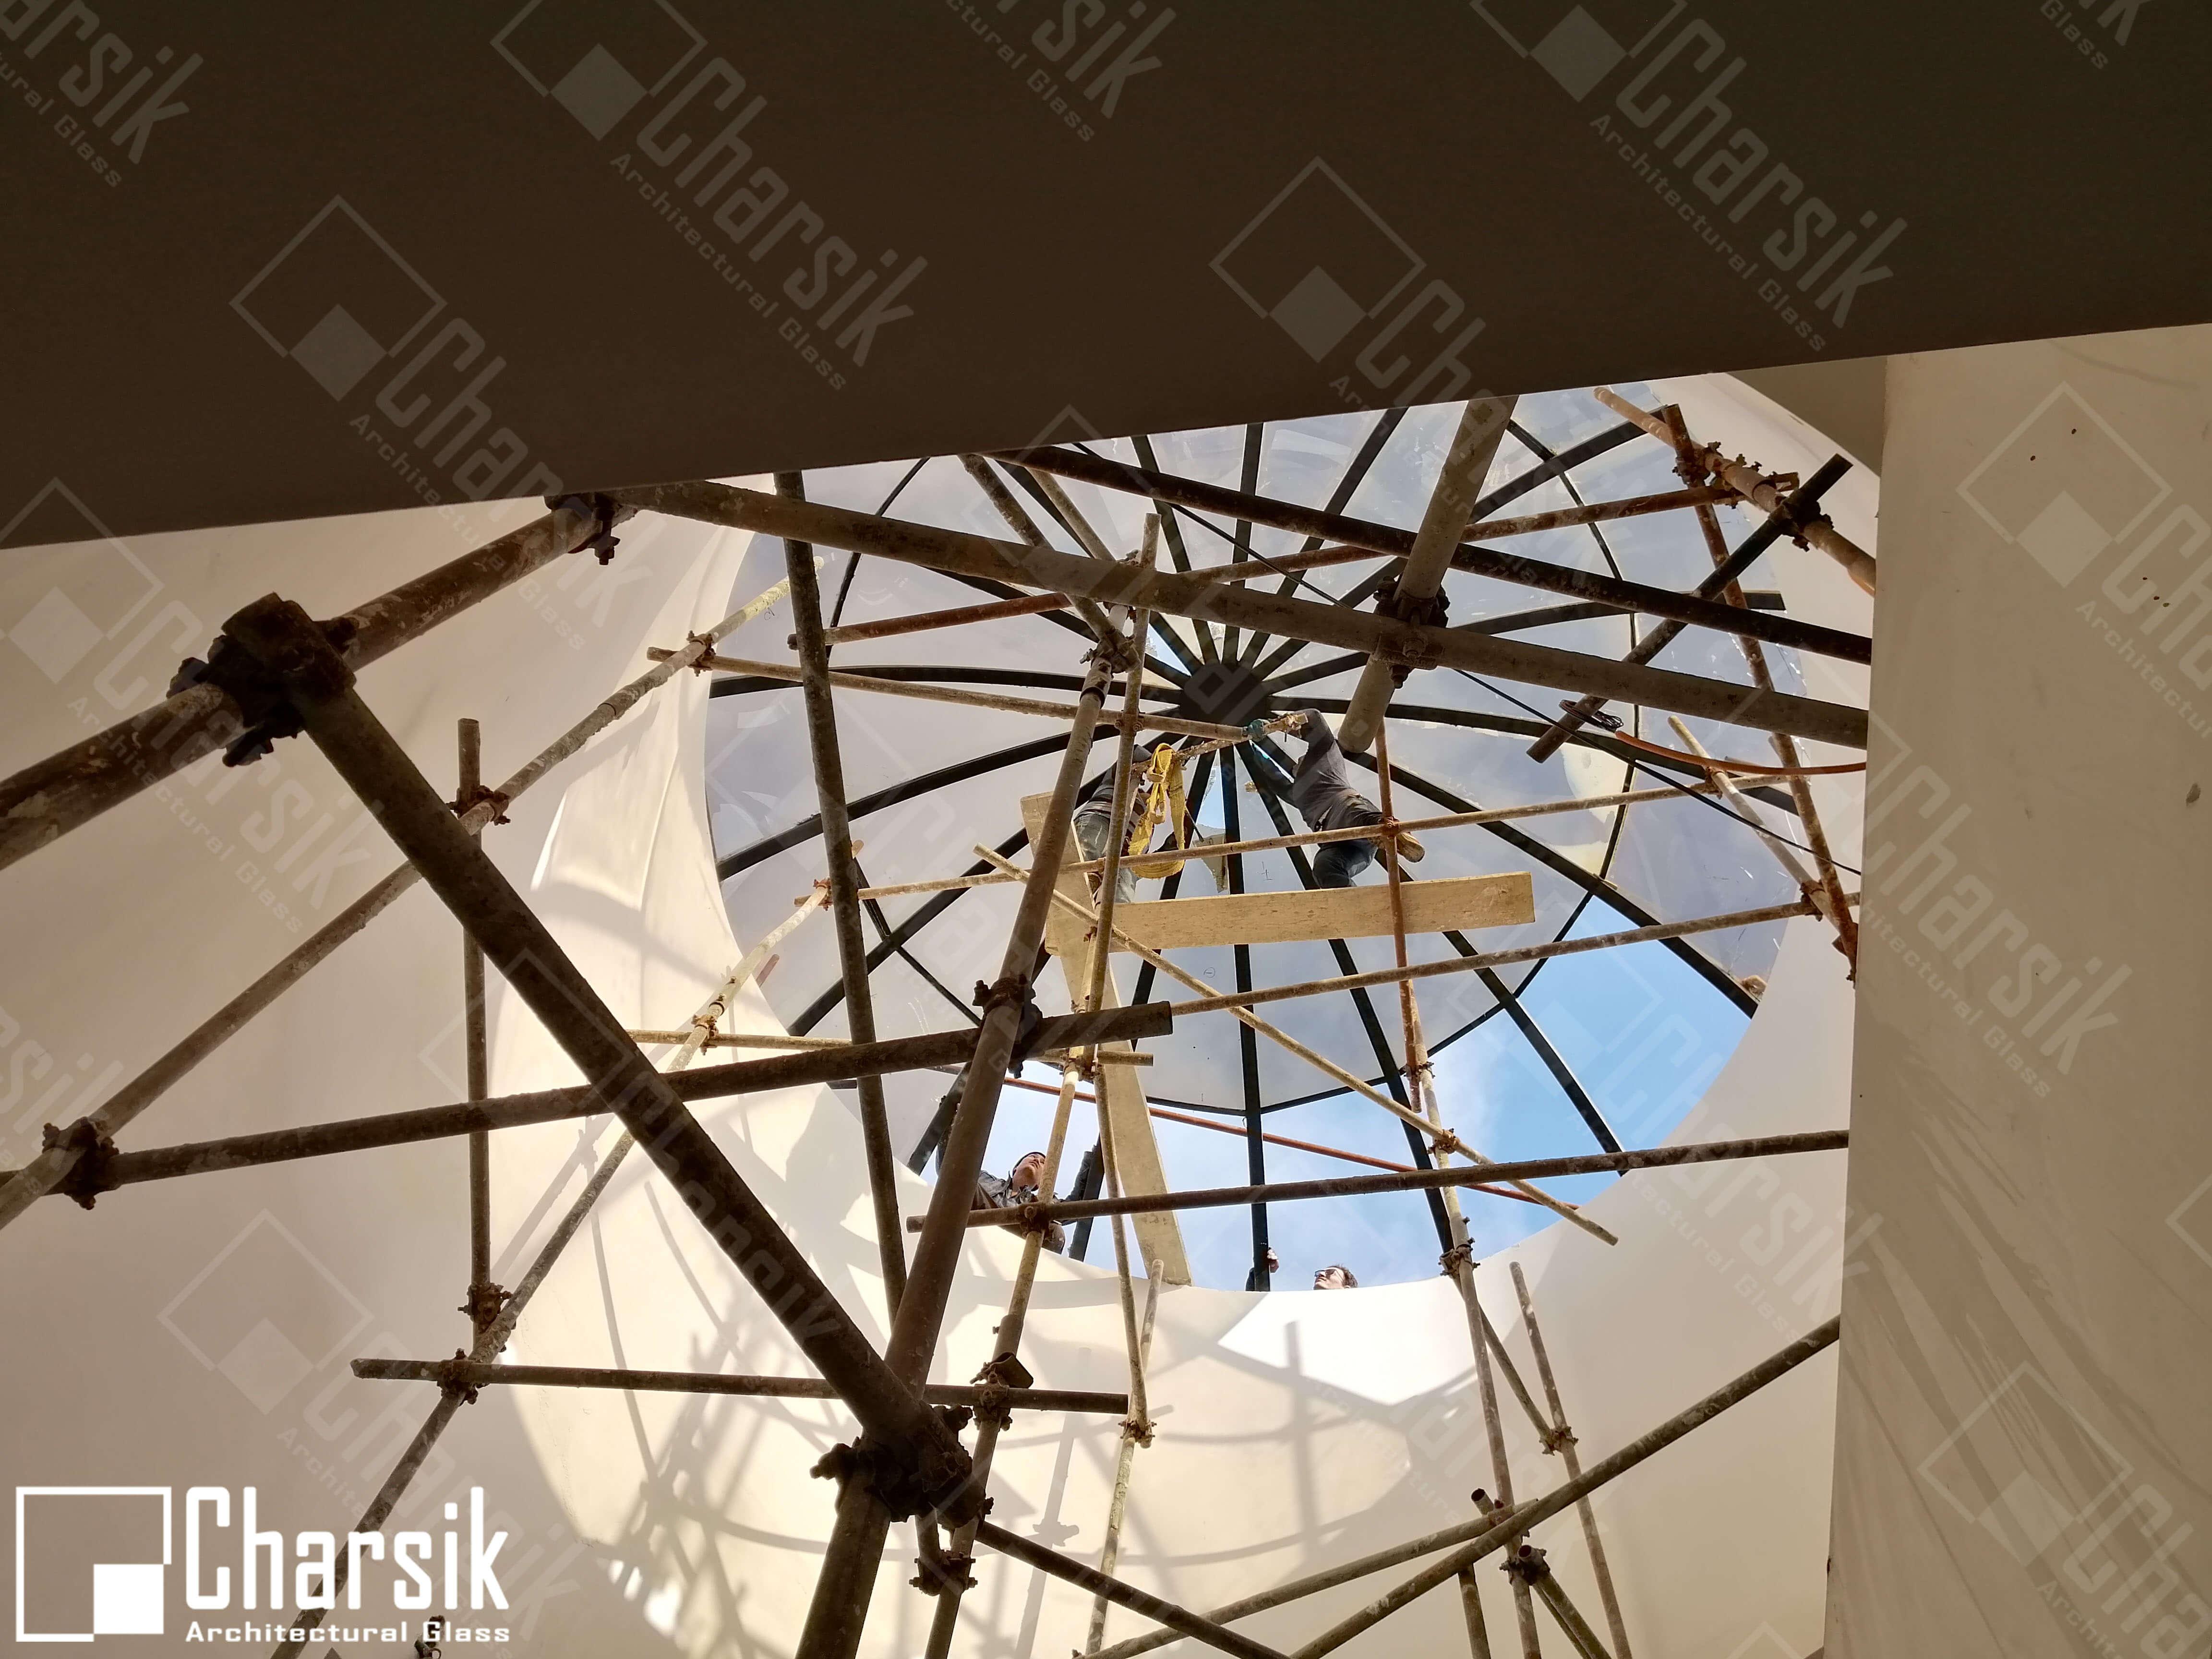 گنبد شیشه ای و سقف شیشه رنگی لوکس و خاص چارسیک